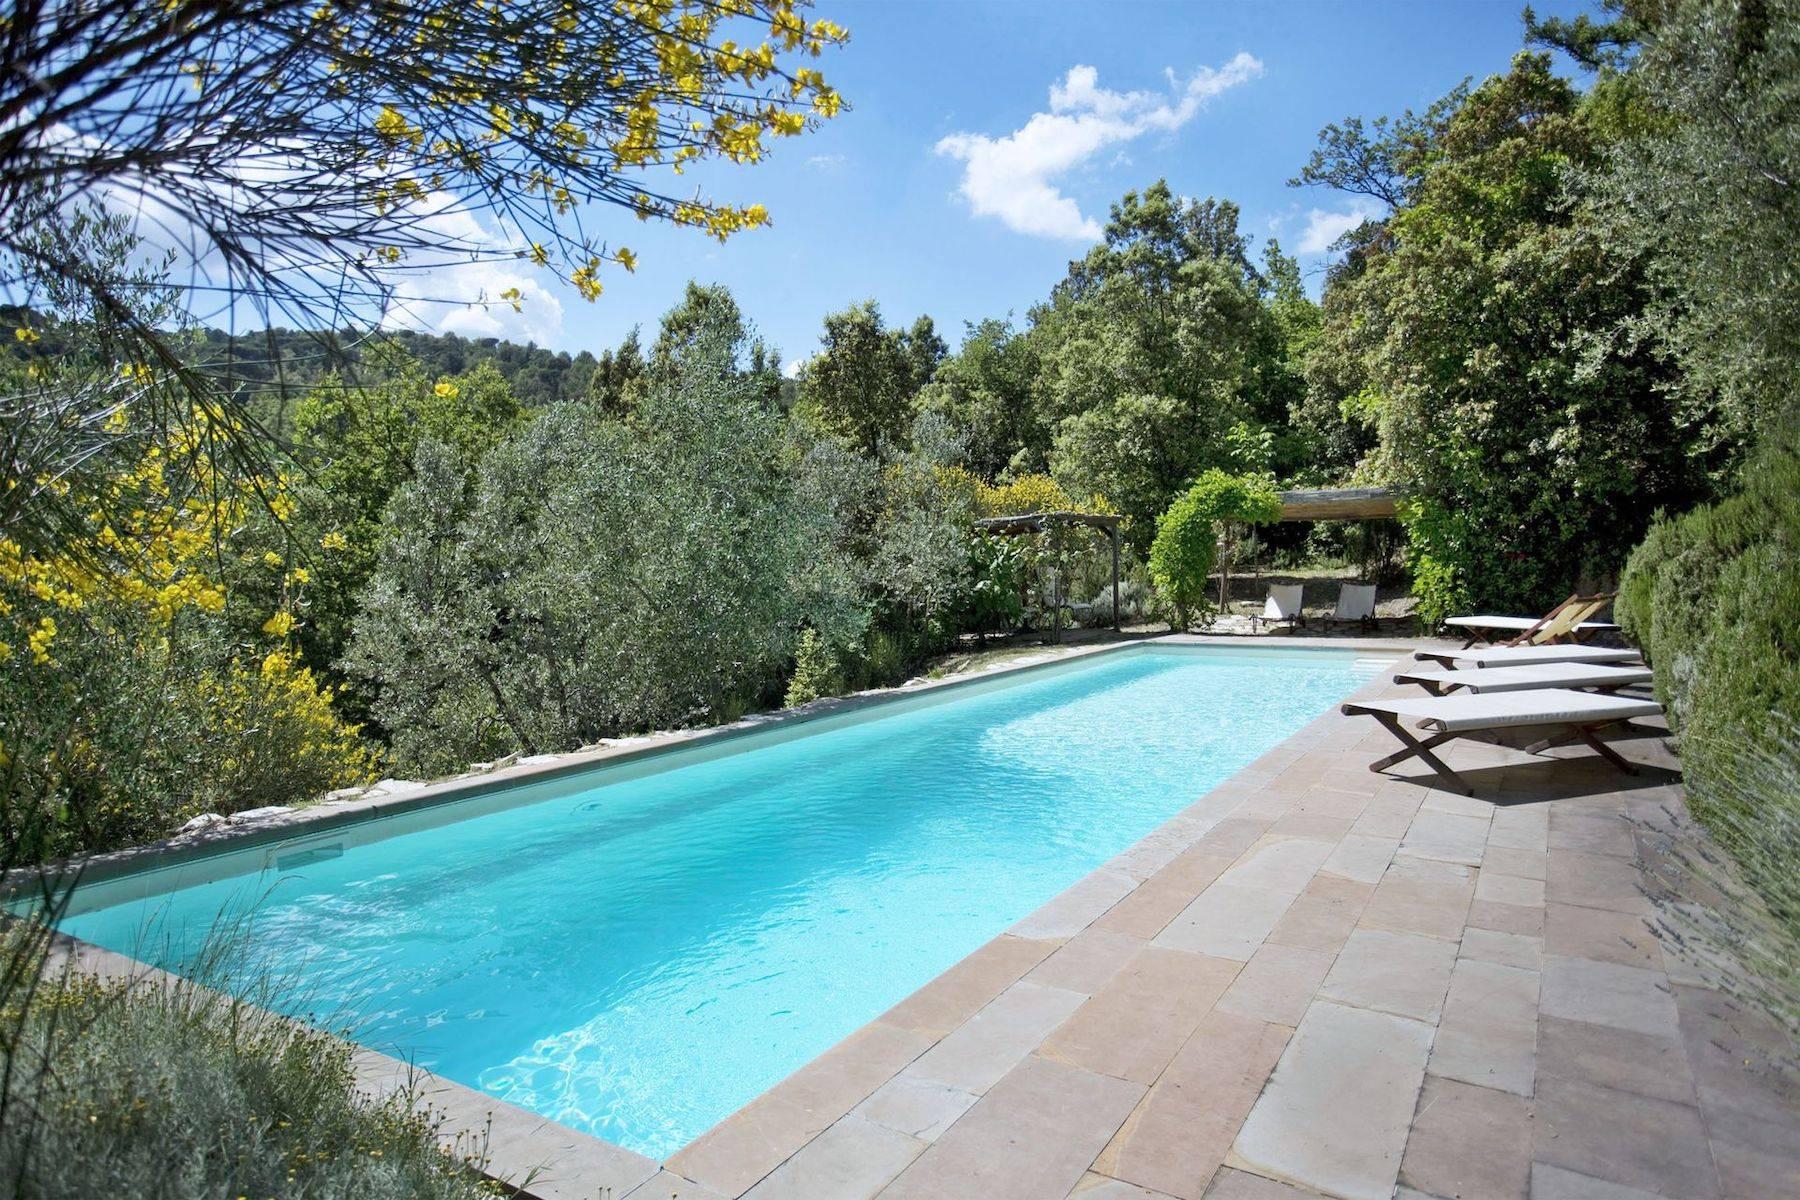 Villa in Vendita a Rignano Sull'Arno: 5 locali, 550 mq - Foto 29